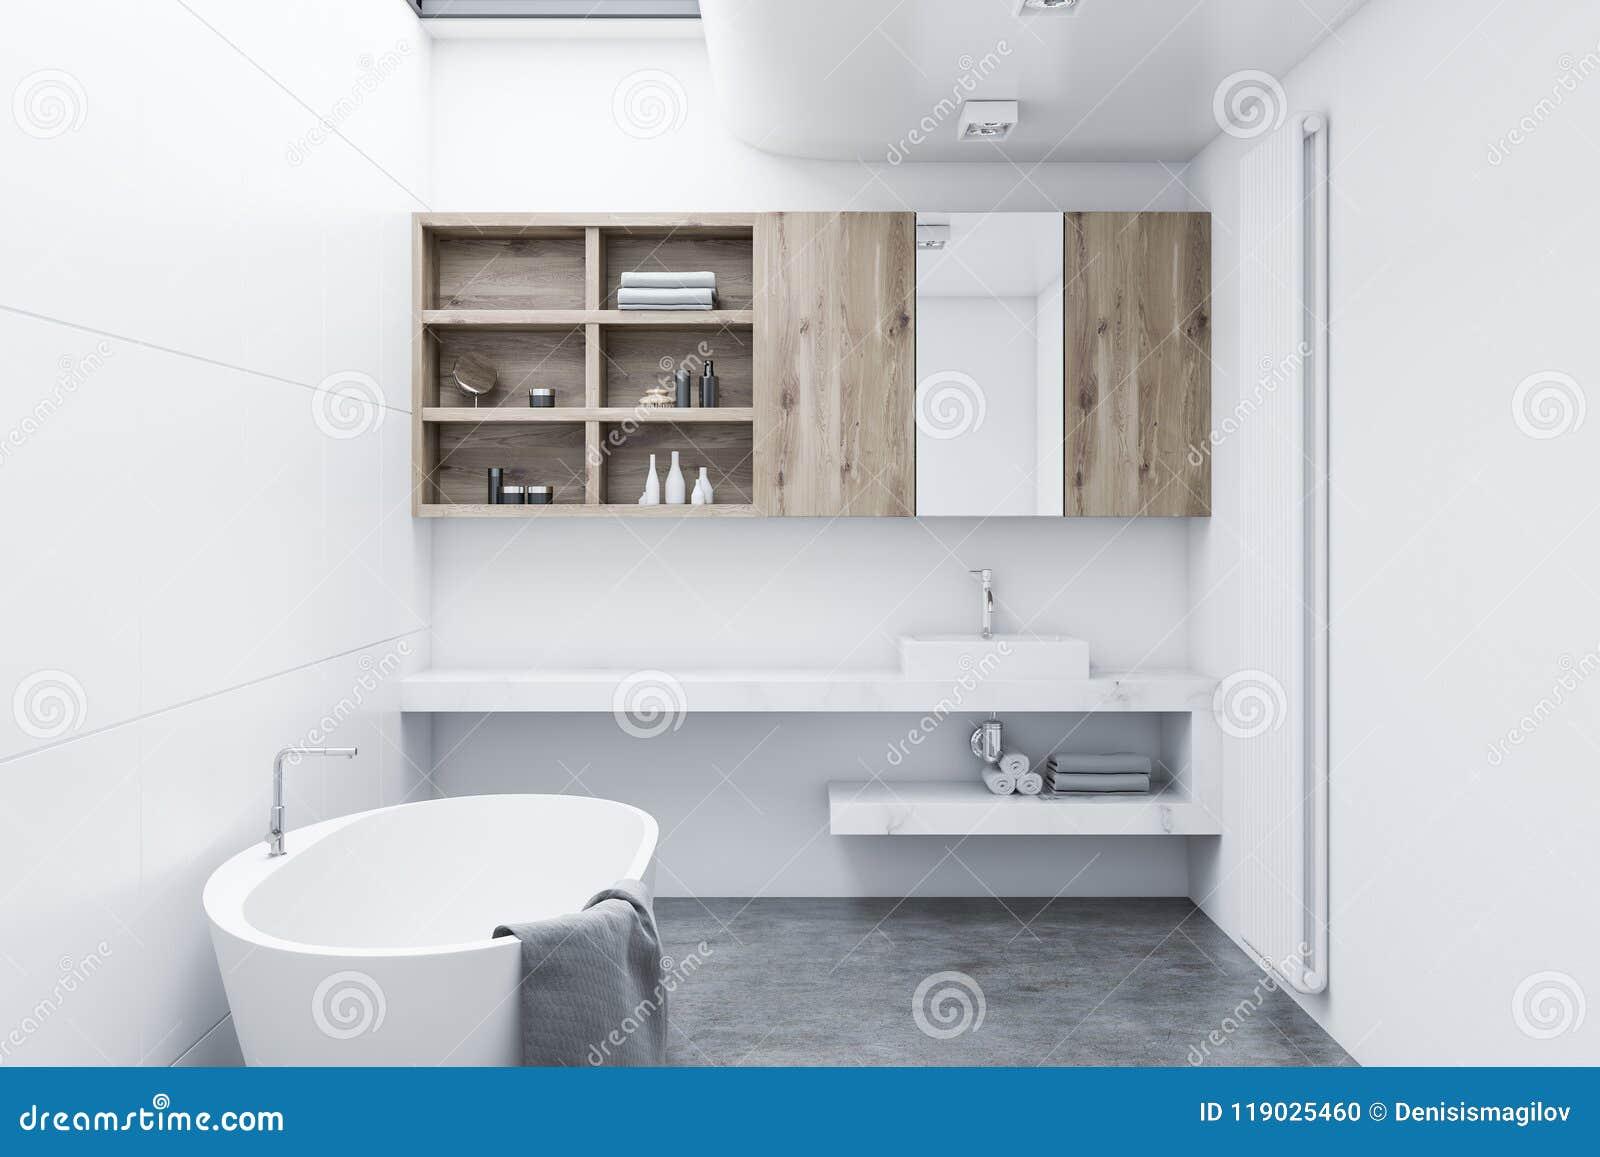 Cuarto de ba o moderno blanco gabinetes de madera stock for Gabinete de almacenamiento de bano de madera